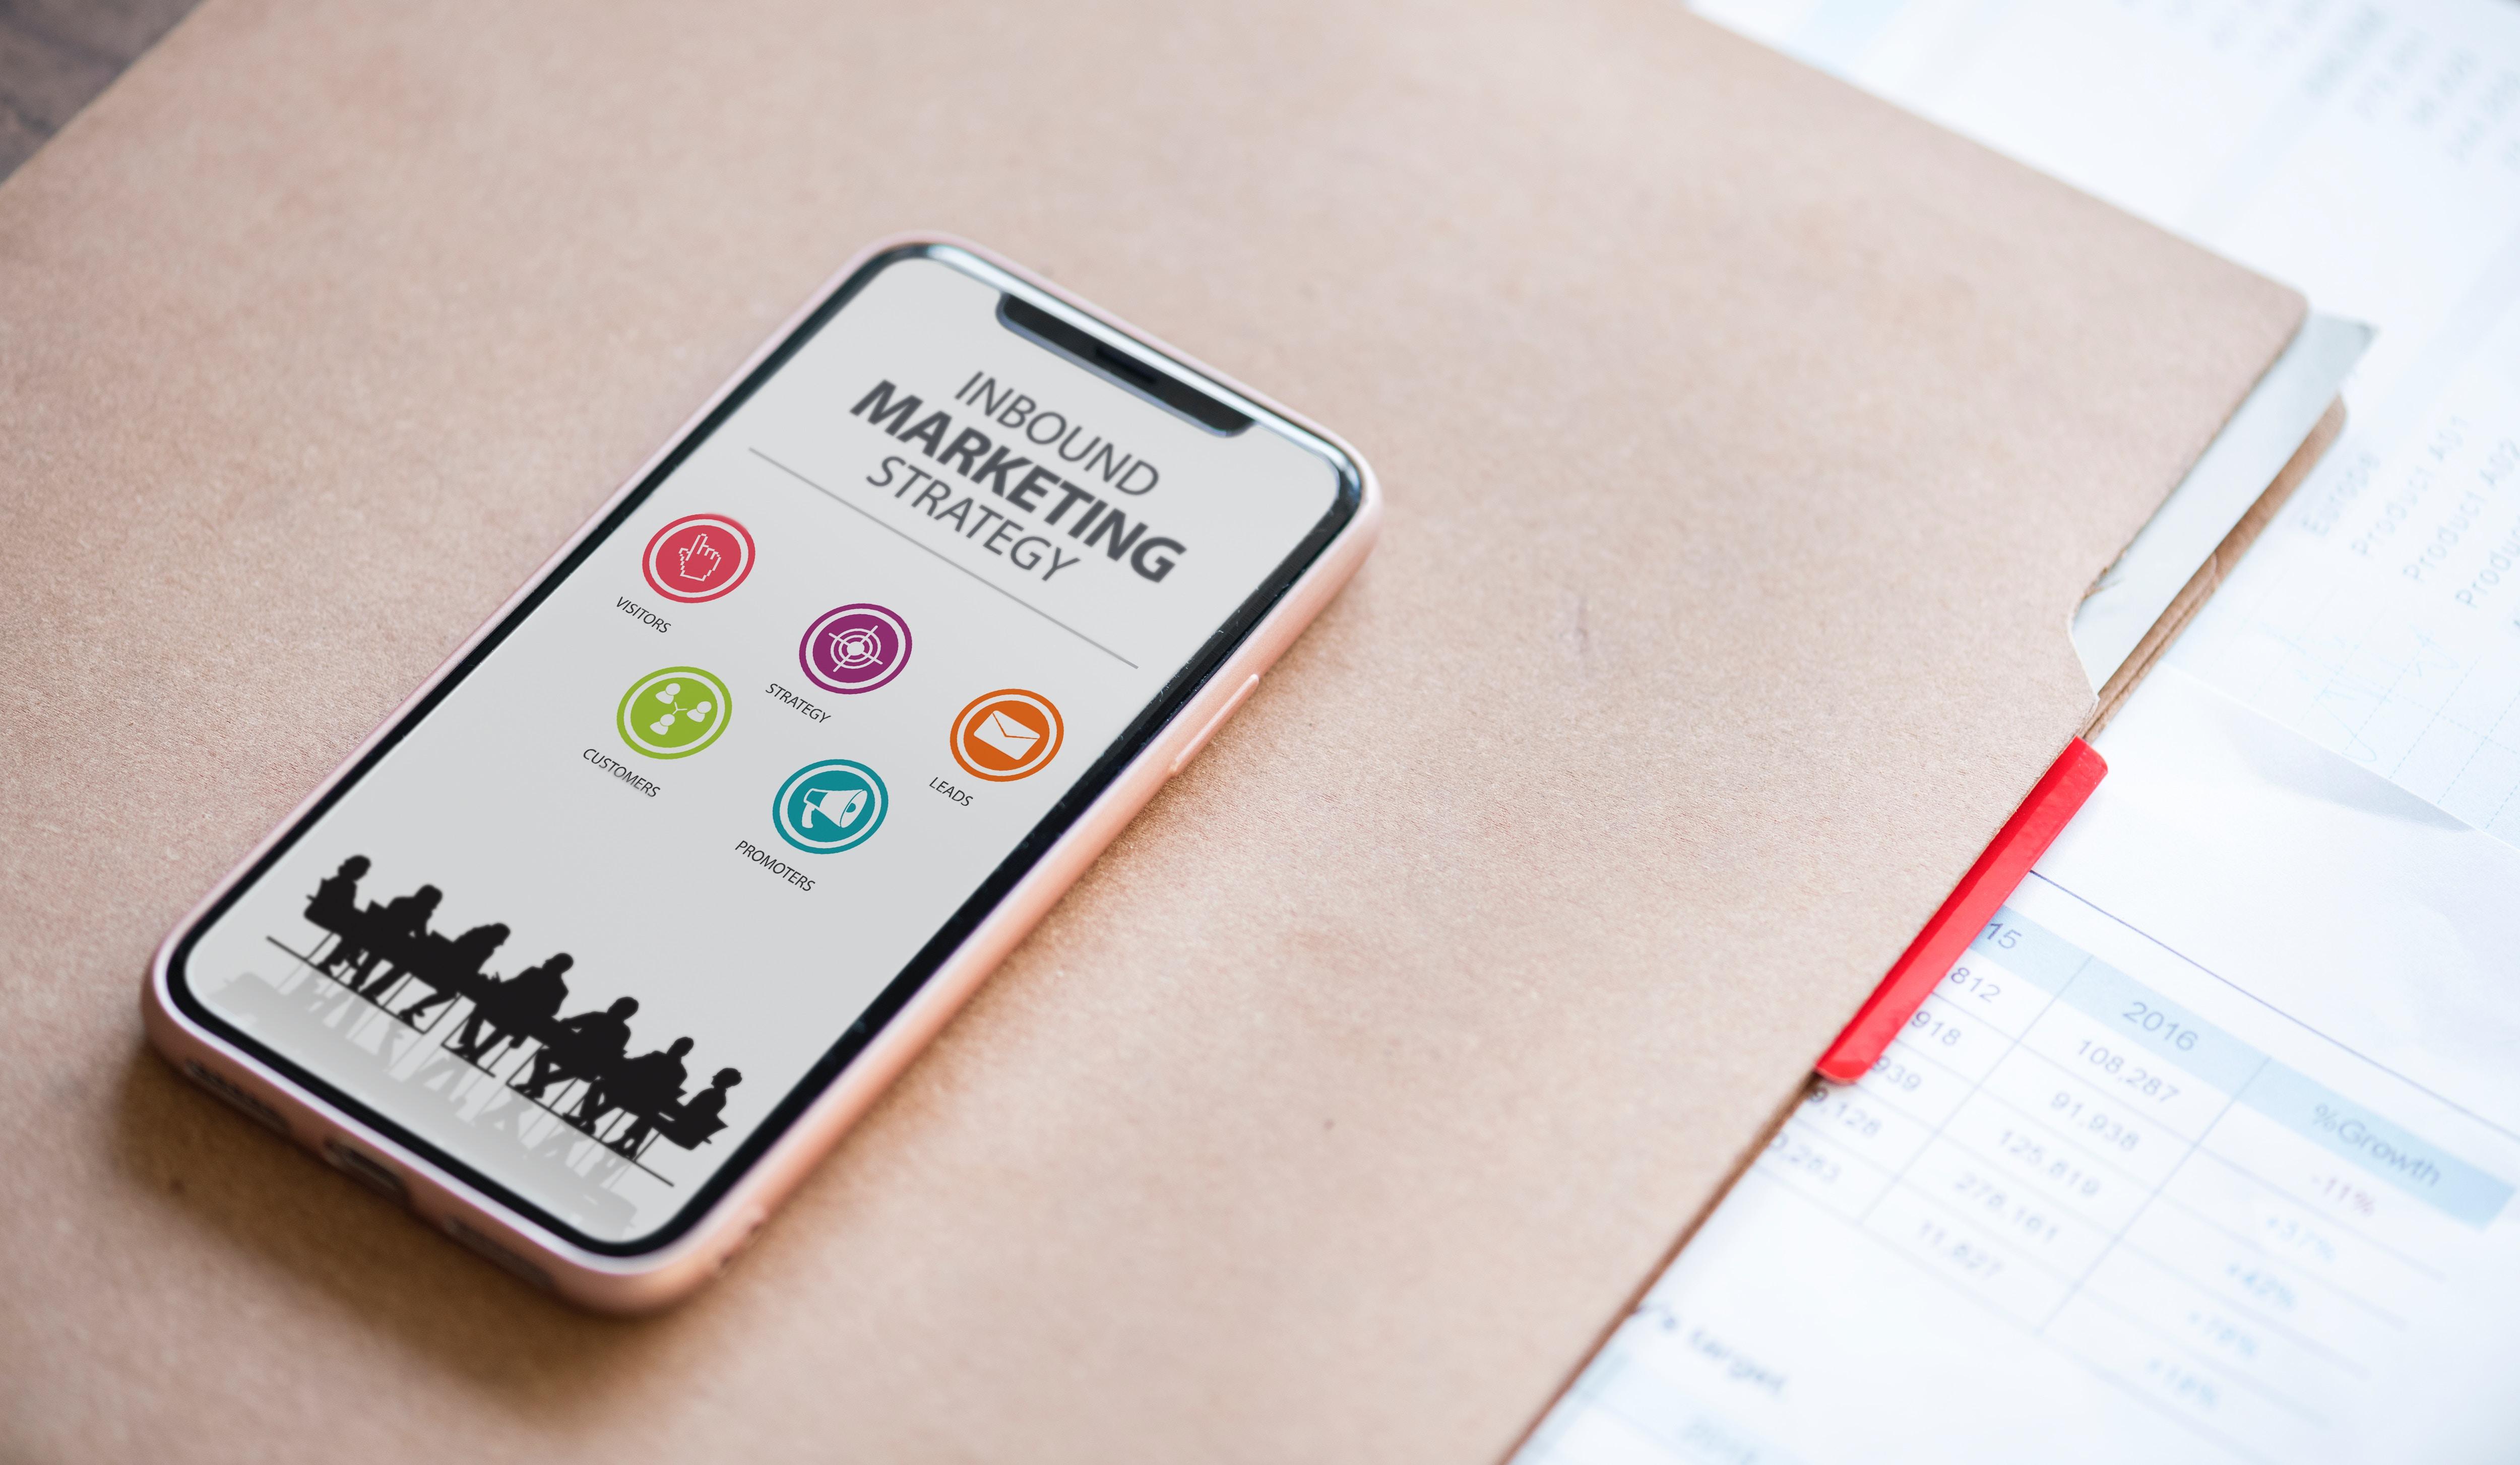 Marketingplan på telefonen